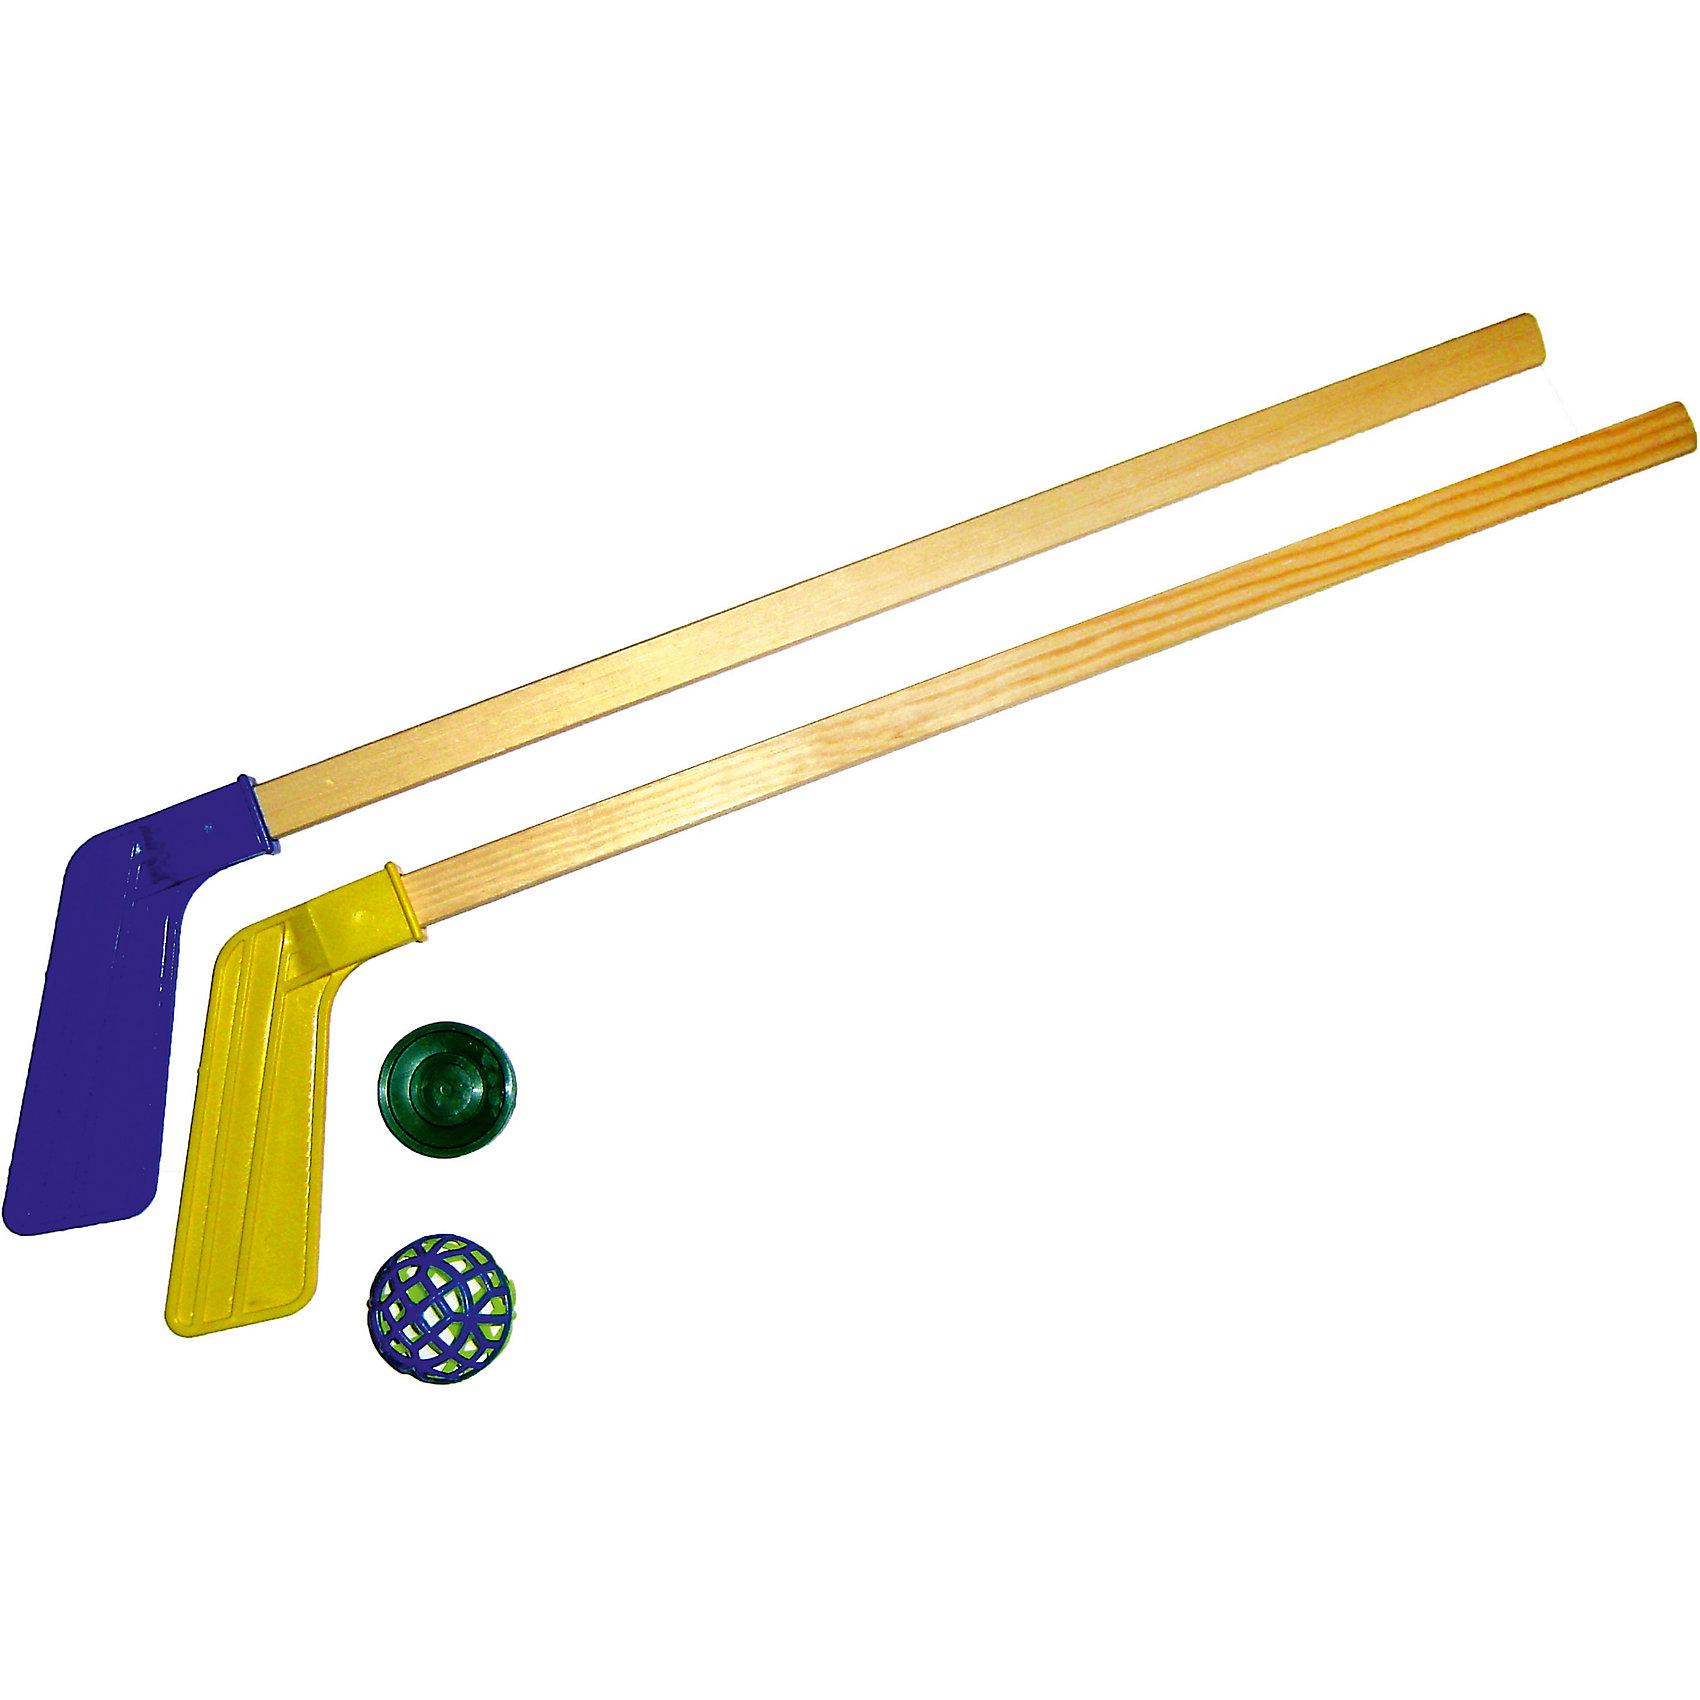 Хоккейный набор (2 клюшки + шайба + мячик) , MPSportОсновные характеристики<br><br>Длина клюшки: 71см<br>В комплекте:  2 клюшки, шайба, мячик<br>Материал: клюшка: рукоять - дерево; крюк - пластик; шайба, мячик - пластик<br>Цвет: клюшки- синие, красные, желтые, зеленые; шайбы - синие, красные, оранжевые, зеленые, черные<br>Страна-производитель: Россия<br>Упаковка: пакет с европодвесом<br><br>Набор не предназначен для игры на льду! <br>Рекомендуется использовать его для игровых целей внутри помещения и на открытом воздухе.<br><br>Ширина мм: 710<br>Глубина мм: 160<br>Высота мм: 40<br>Вес г: 500<br>Возраст от месяцев: 36<br>Возраст до месяцев: 192<br>Пол: Унисекс<br>Возраст: Детский<br>SKU: 5056666